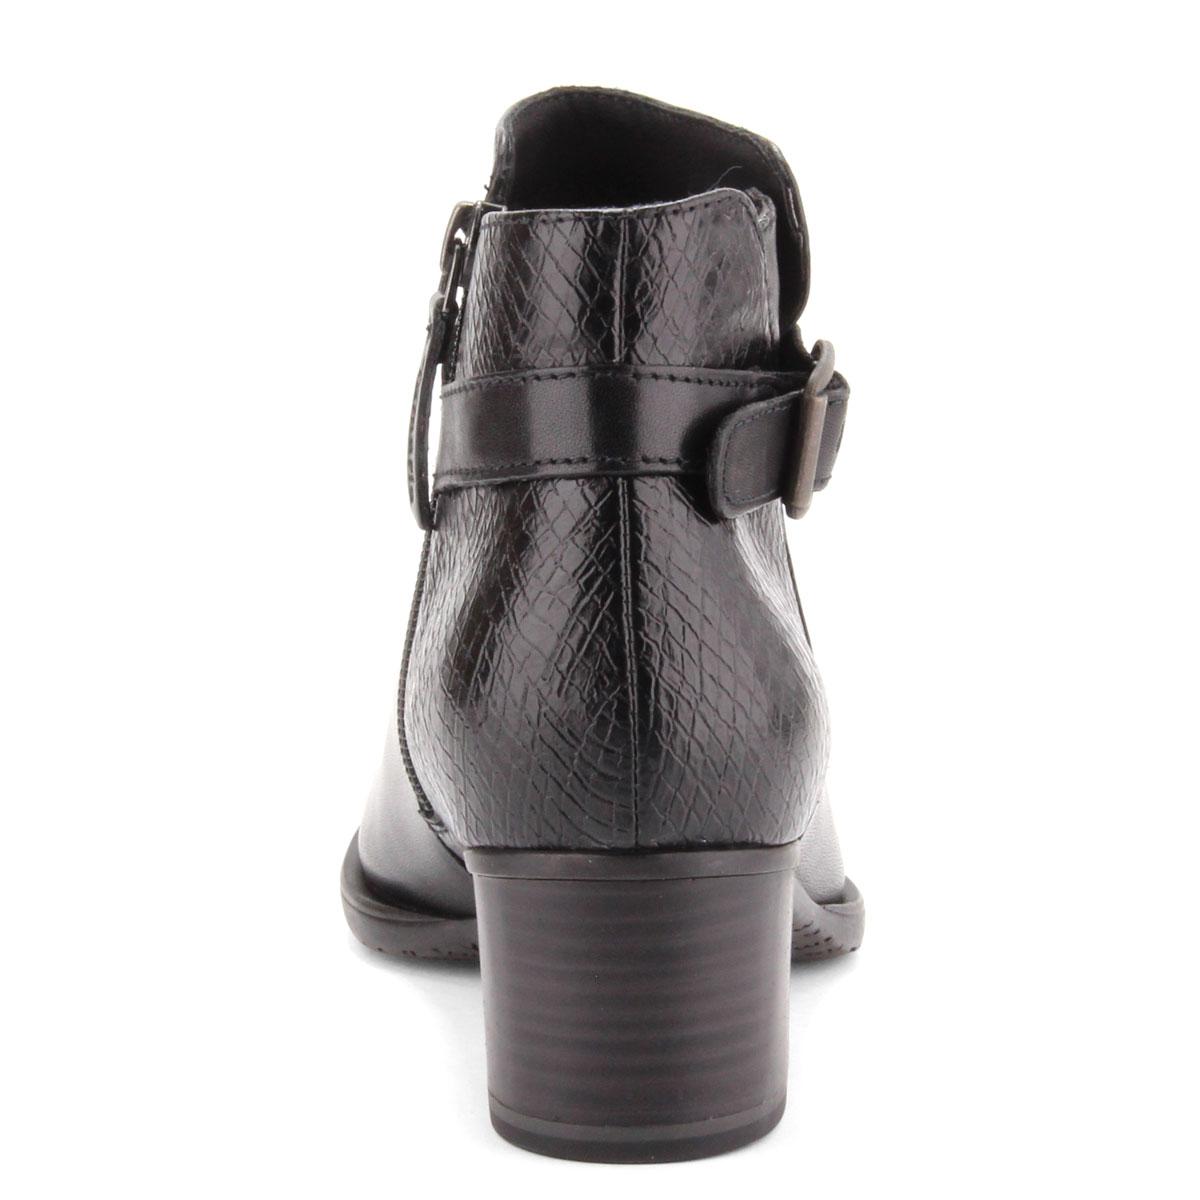 Hátsó része · Fekete Tamaris női bokacsizma textil béléssel. Sarka 5 cm  magas ANTiShokk sarok. Hátsó része 6da1d8871e